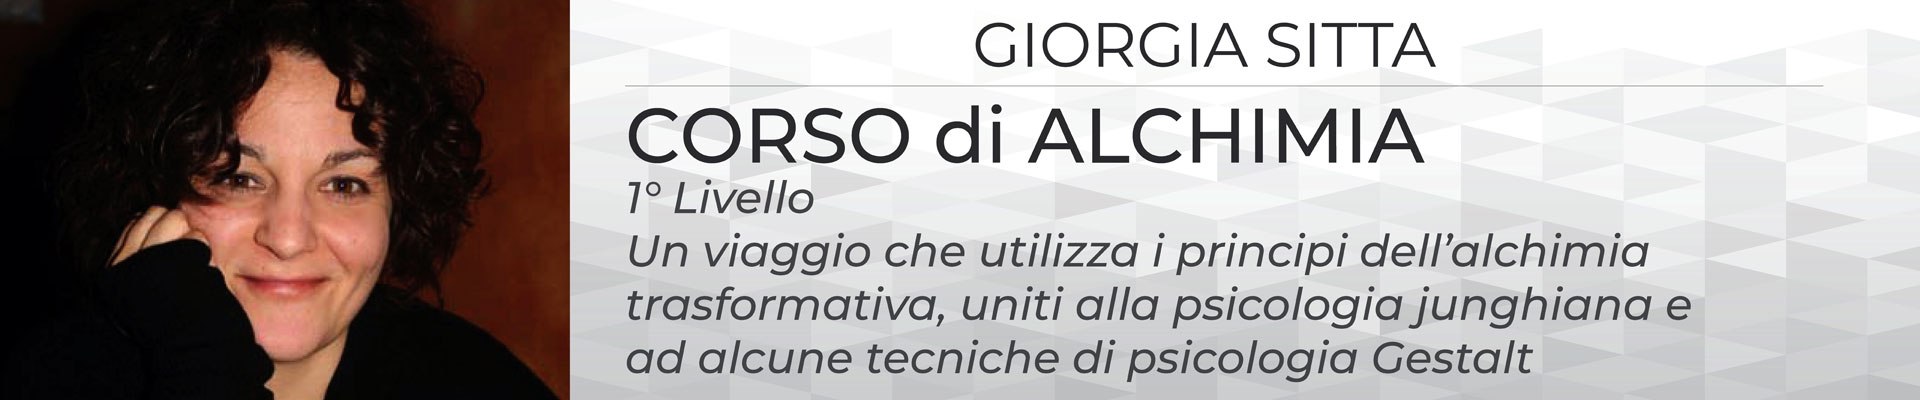 label-sitta-corso-alchimia